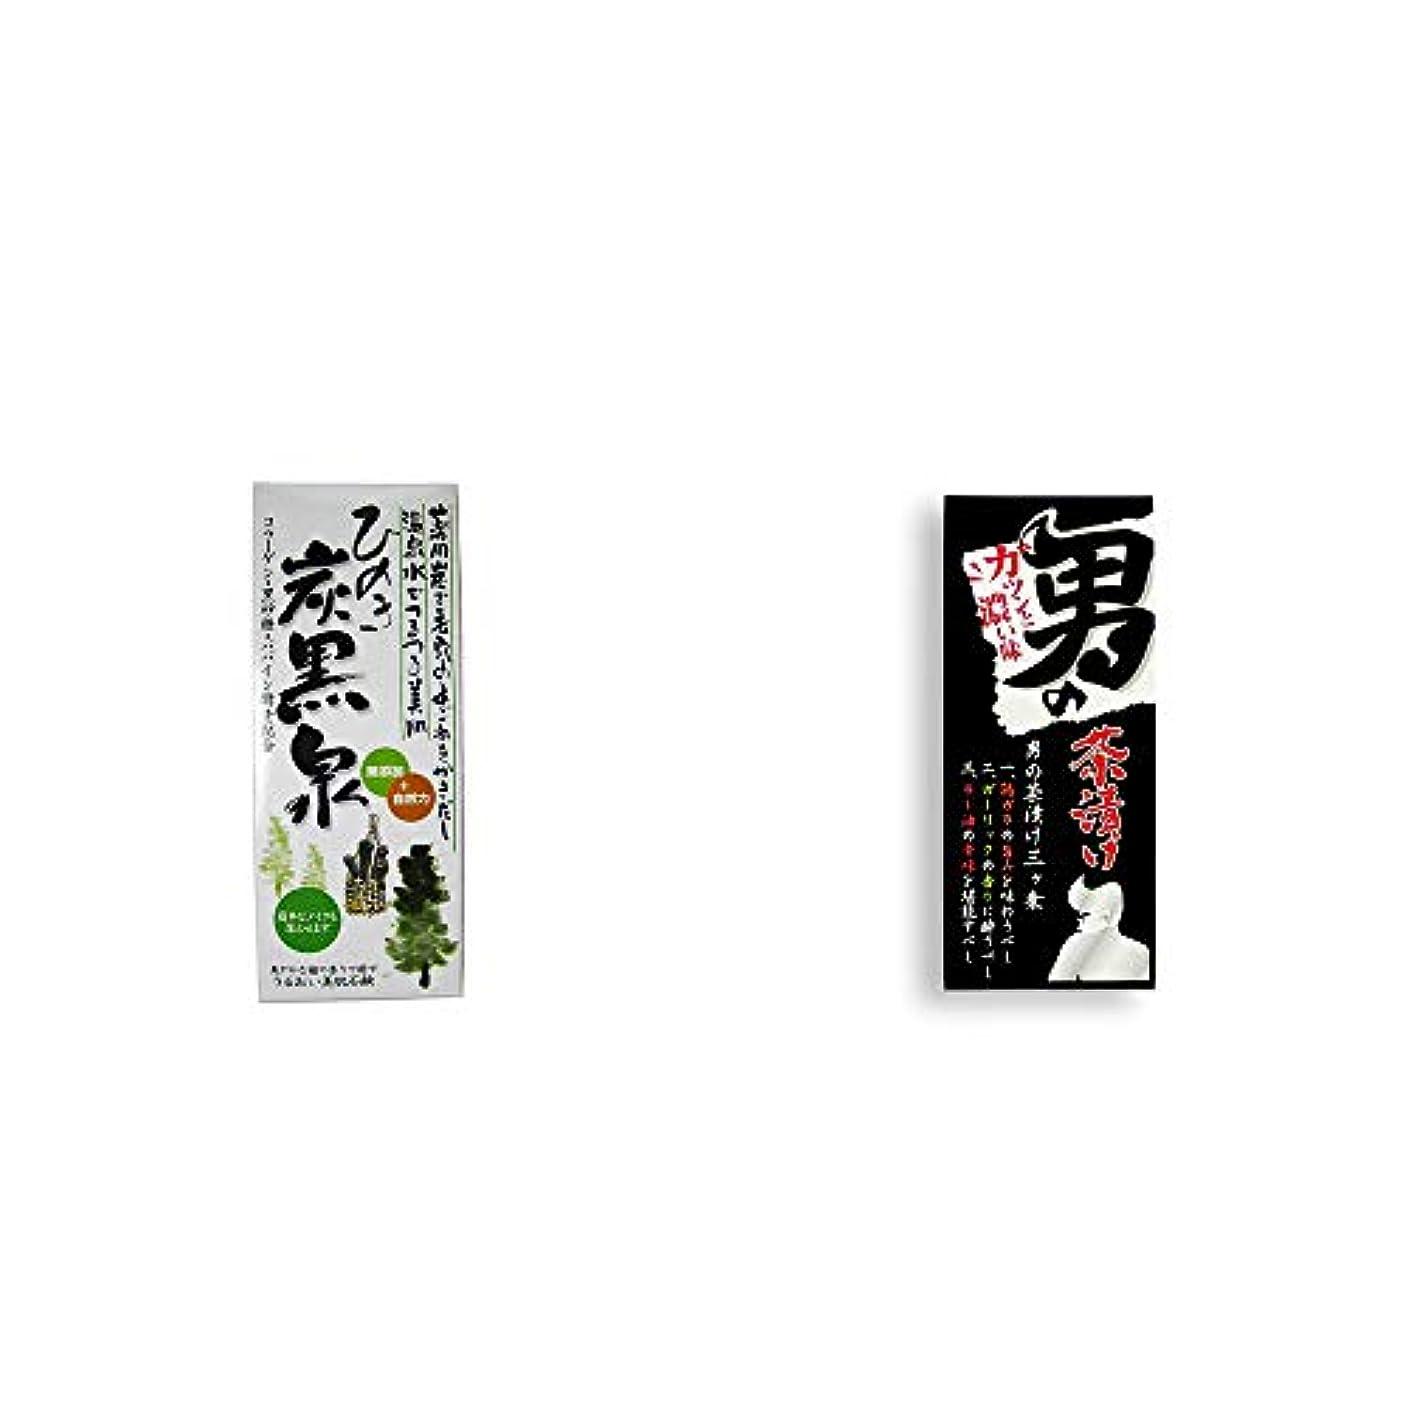 ミリメーター脚安息[2点セット] ひのき炭黒泉 箱入り(75g×3)?男の茶漬け(4.8g×8袋)